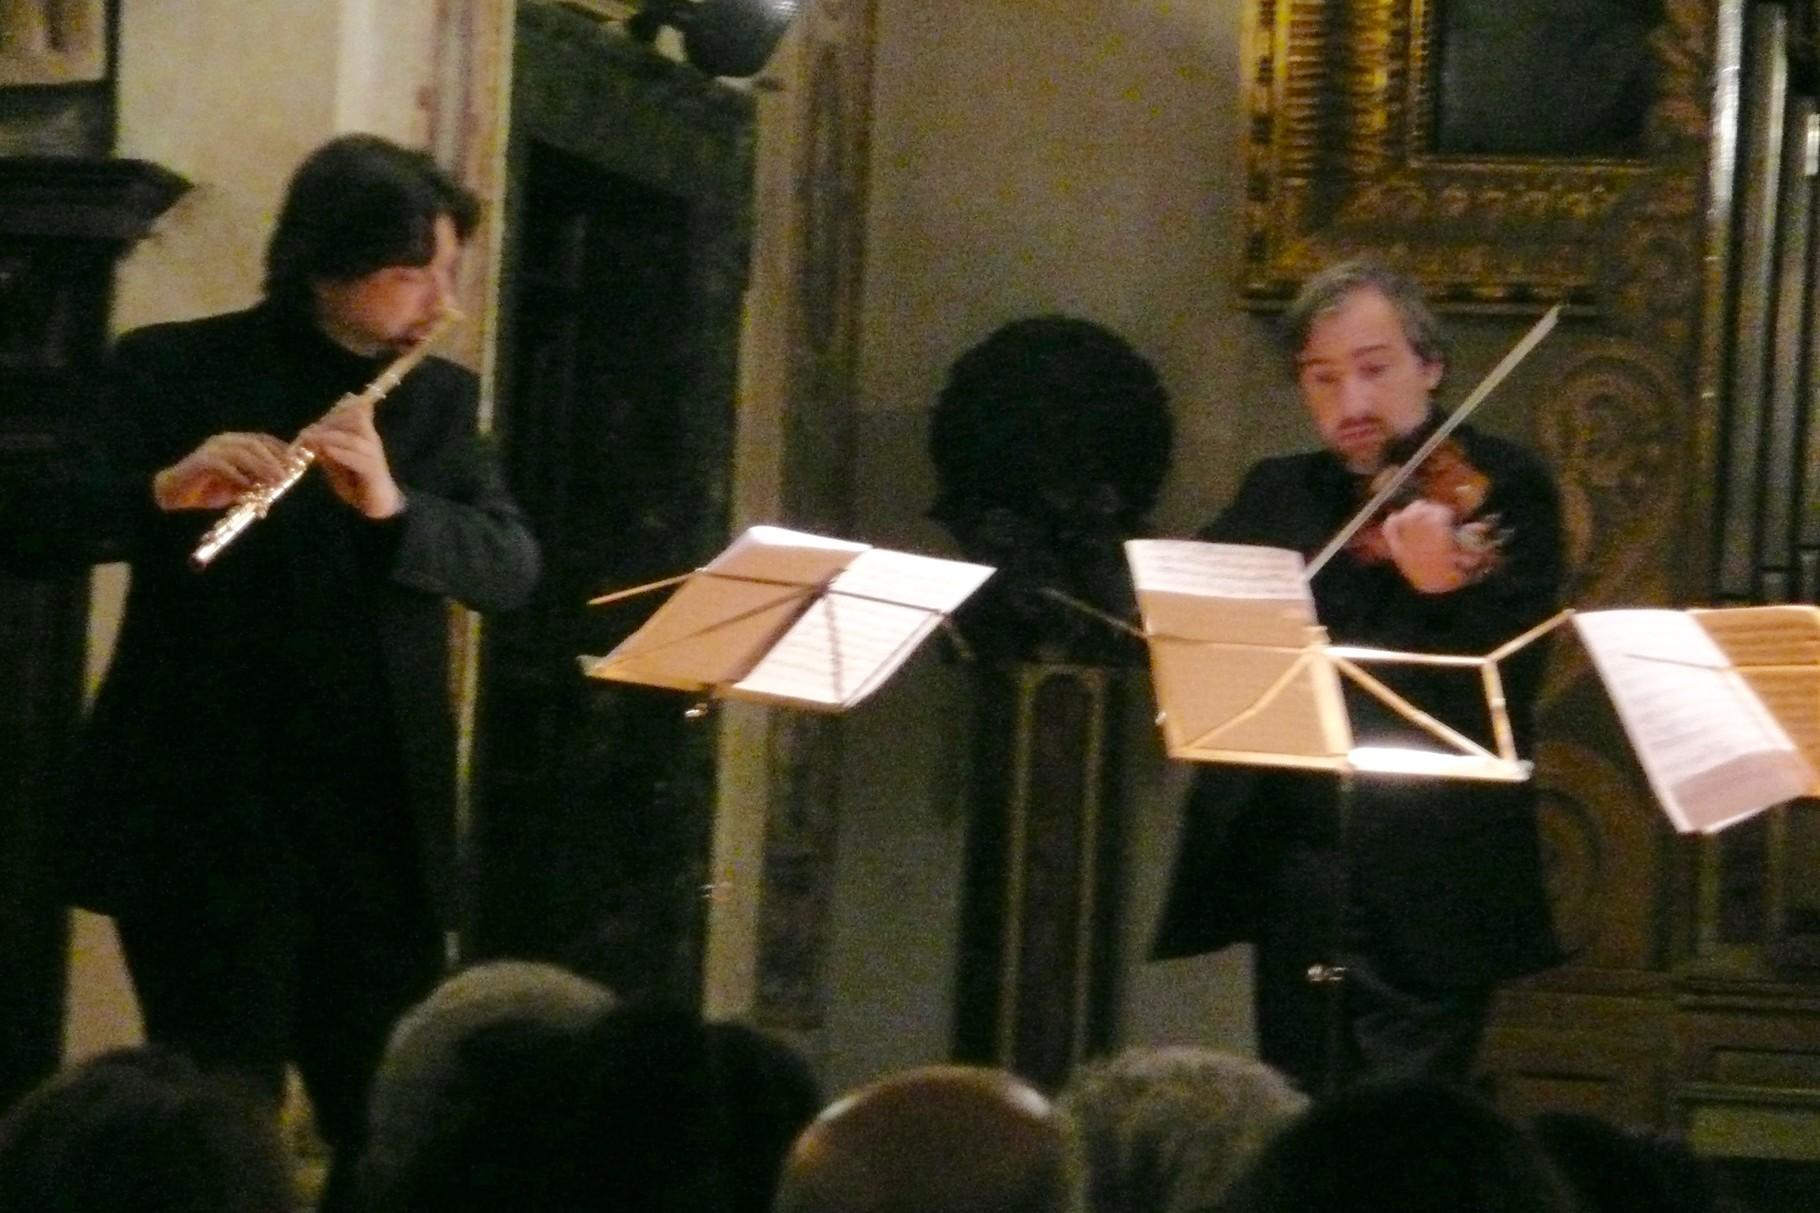 Andrea Oliva - Carlo Parazzoli - Luca Sanzò